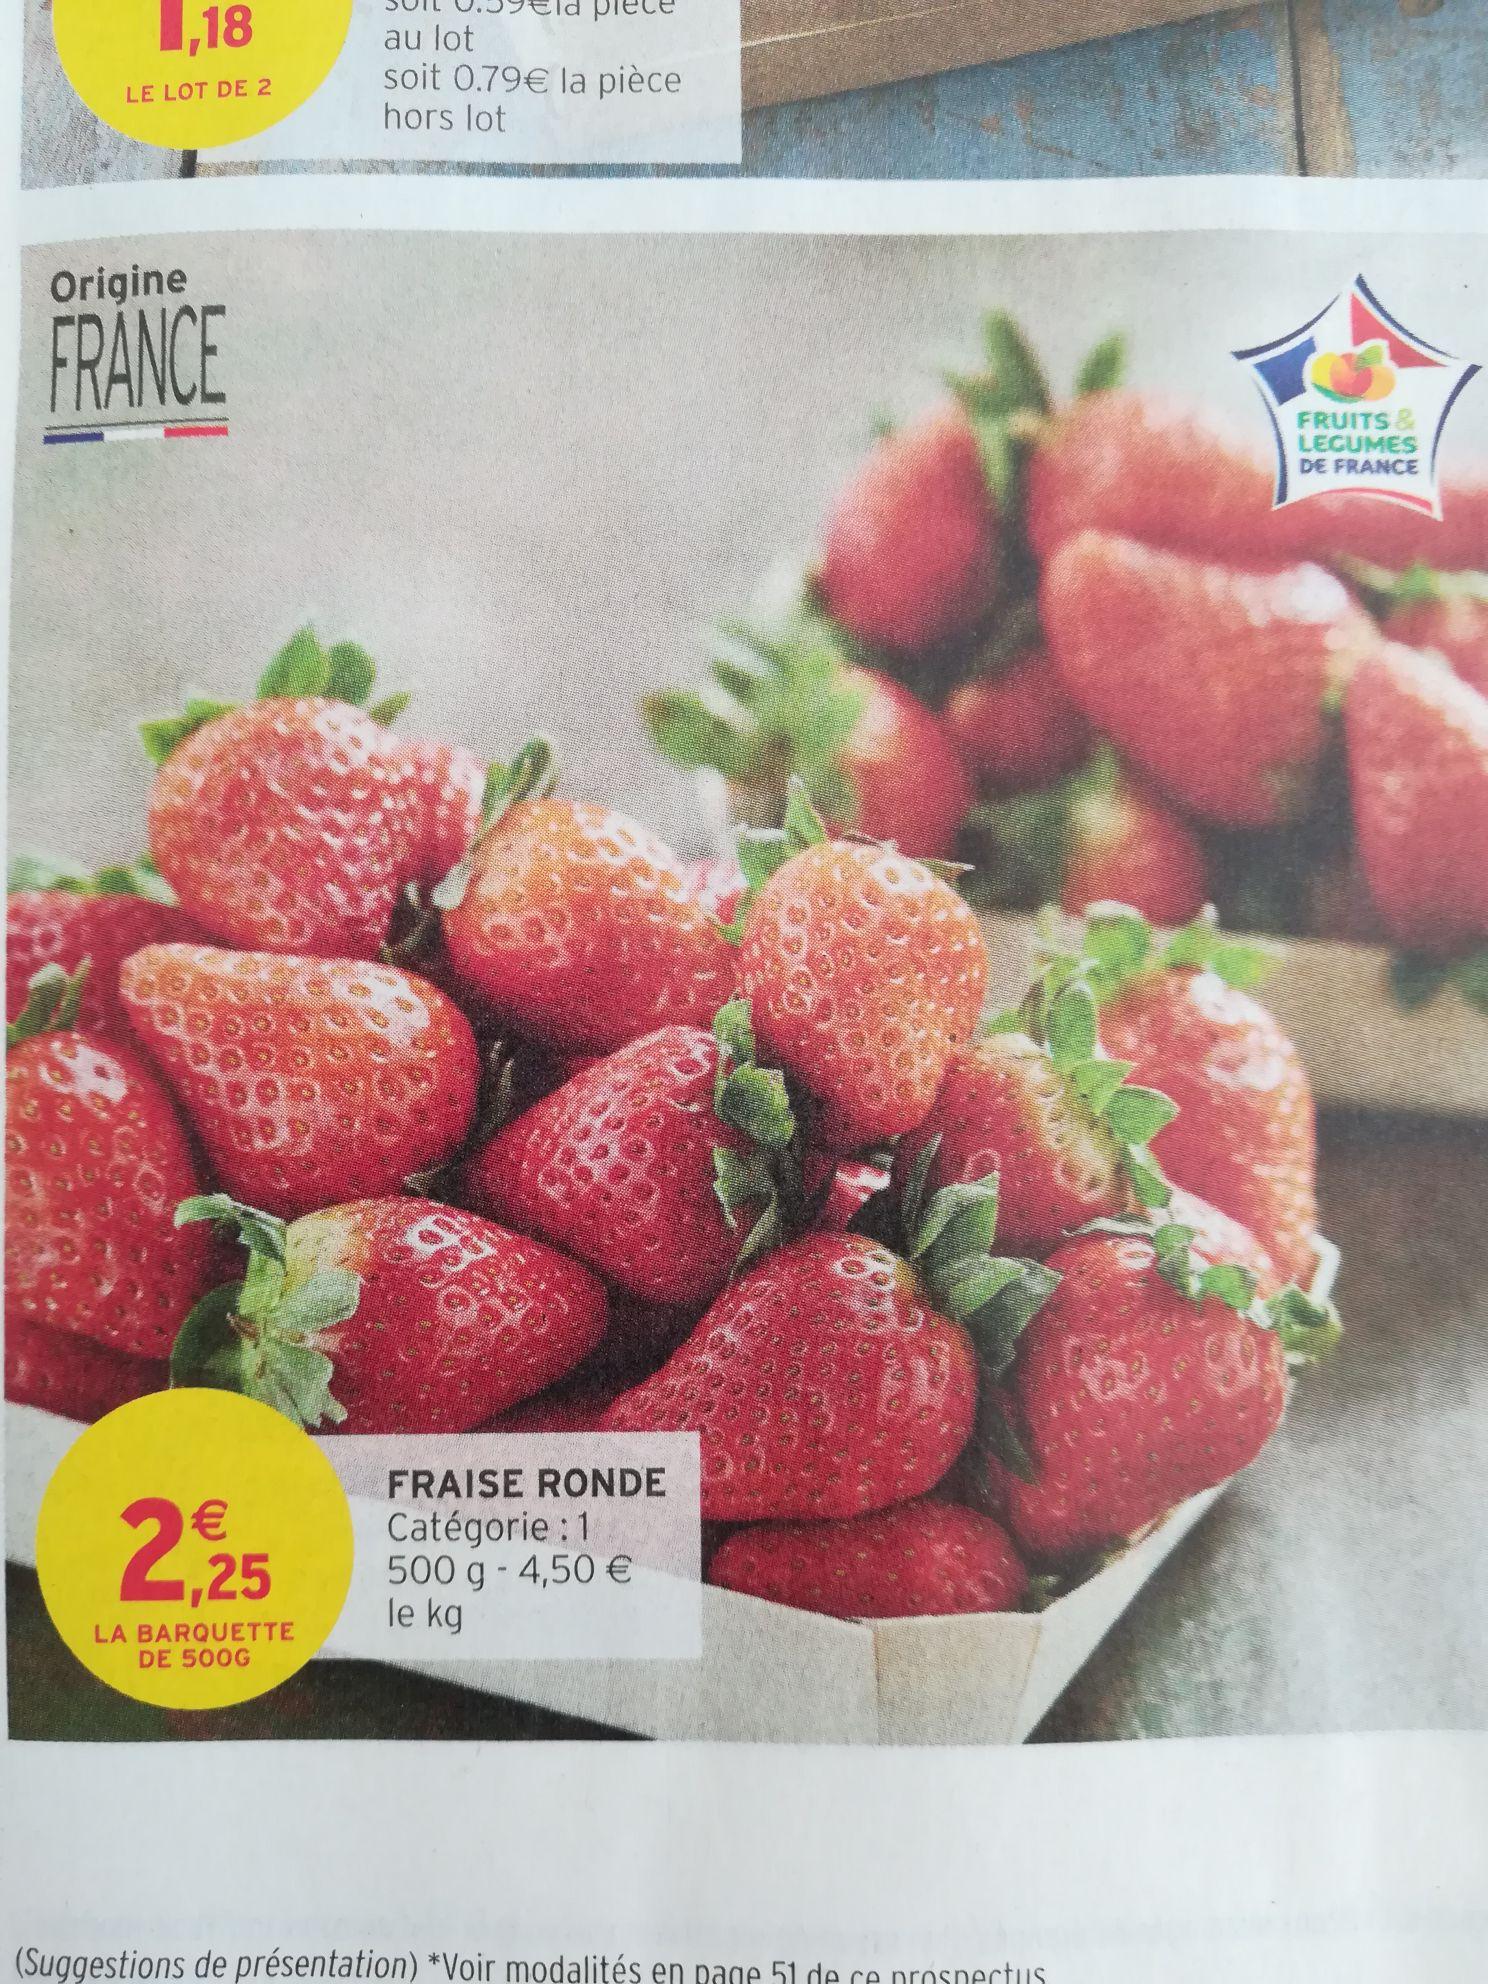 Barquette de fraises ronde - Origine FRANCE, 500g